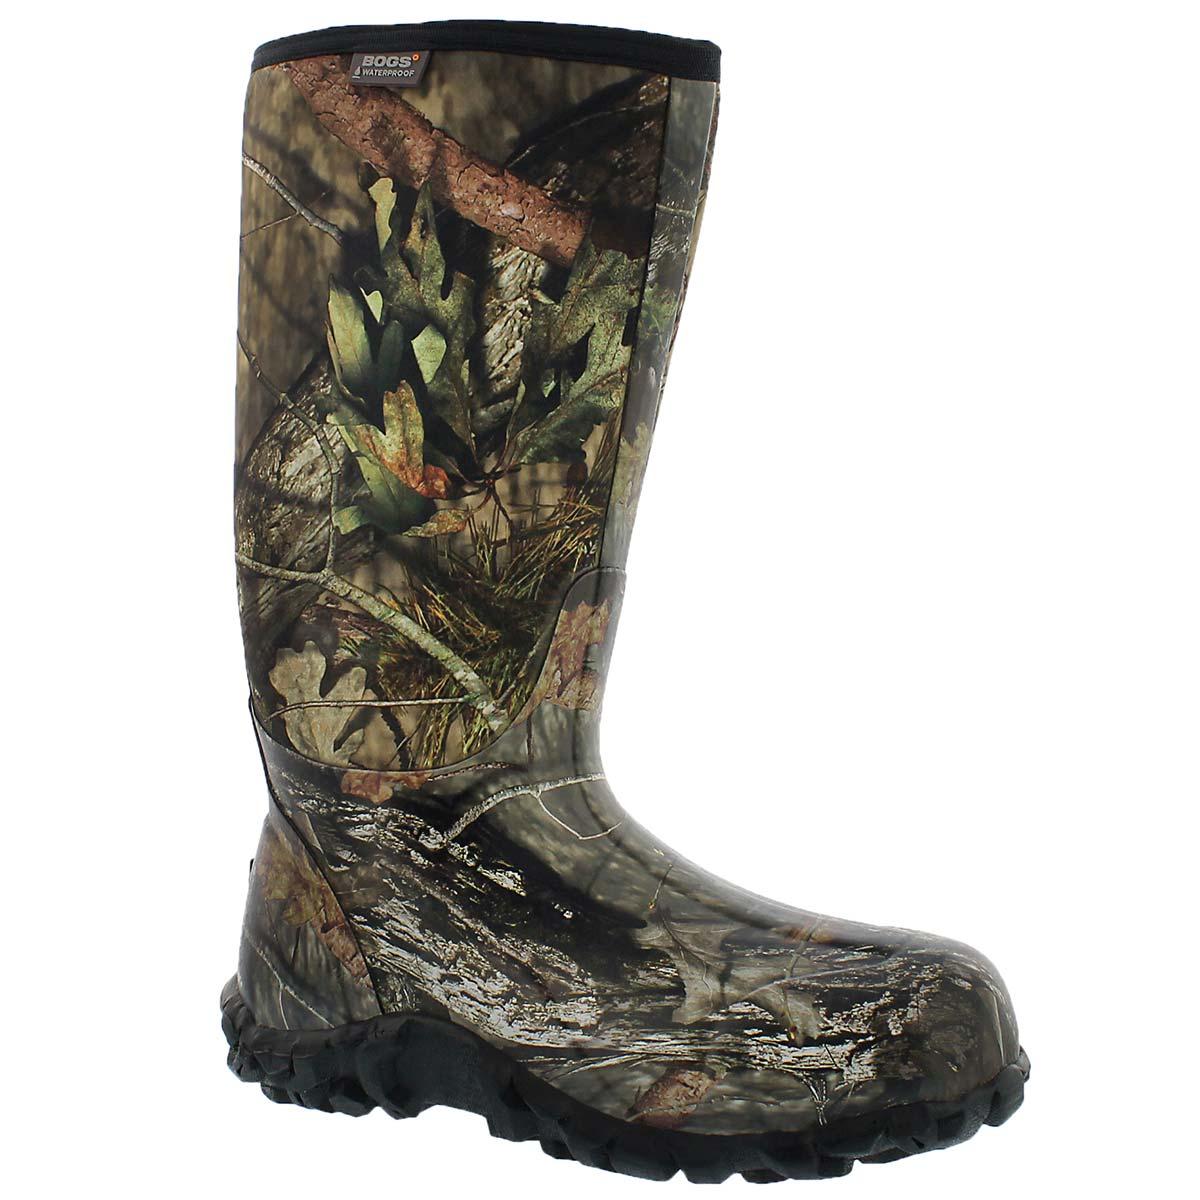 Men's CLASSIC HIGH MOSSY OAK waterproof boots